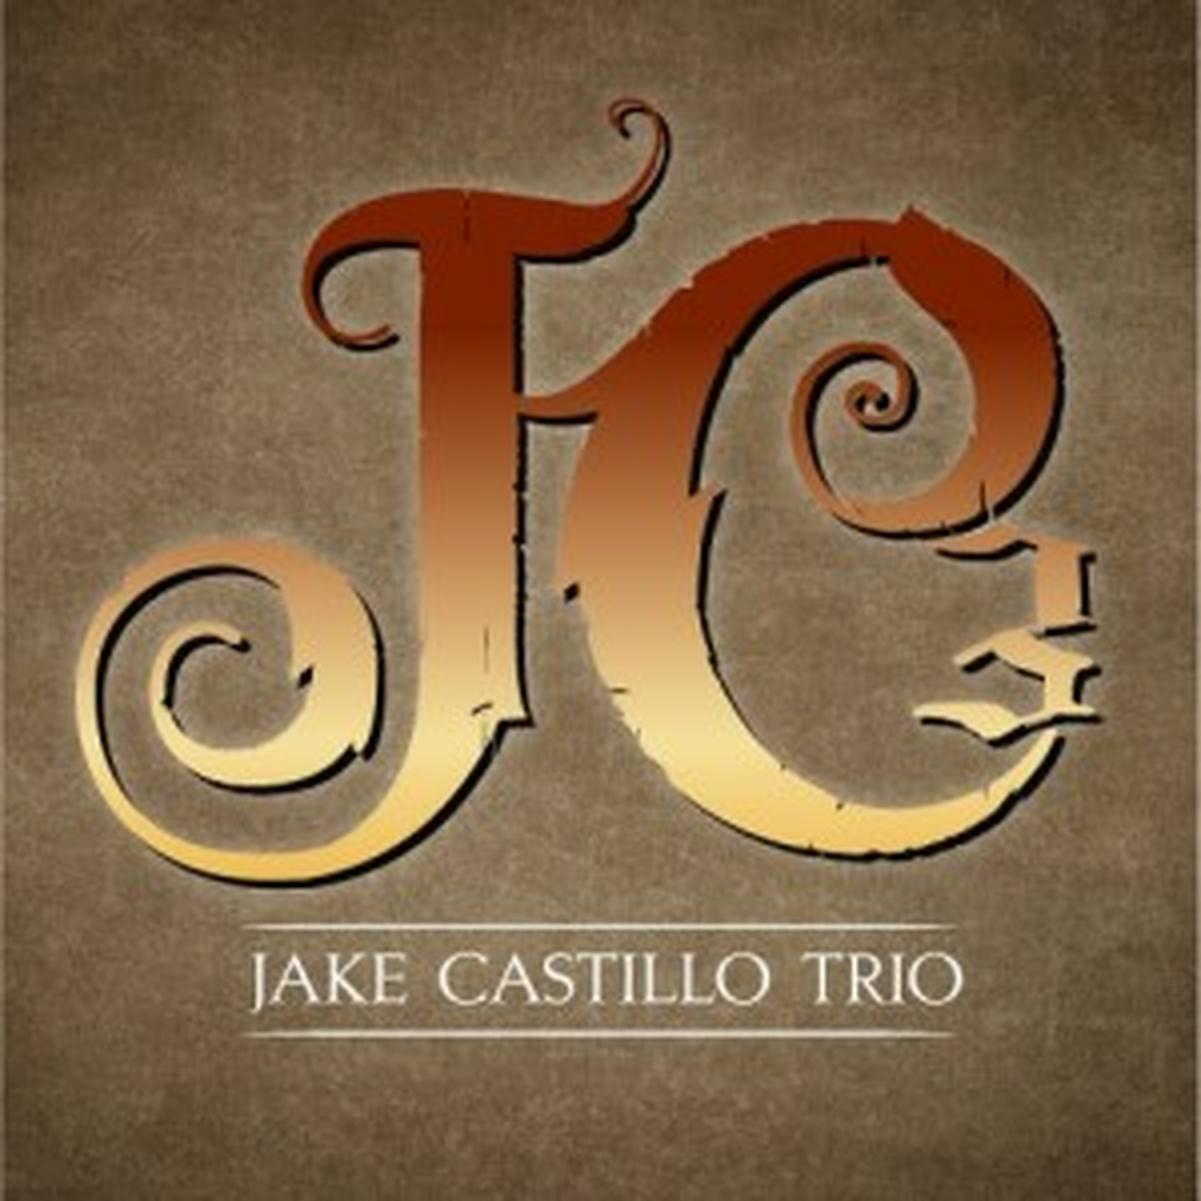 Jake Castillo Trio wiki, Jake Castillo Trio review, Jake Castillo Trio history, Jake Castillo Trio news